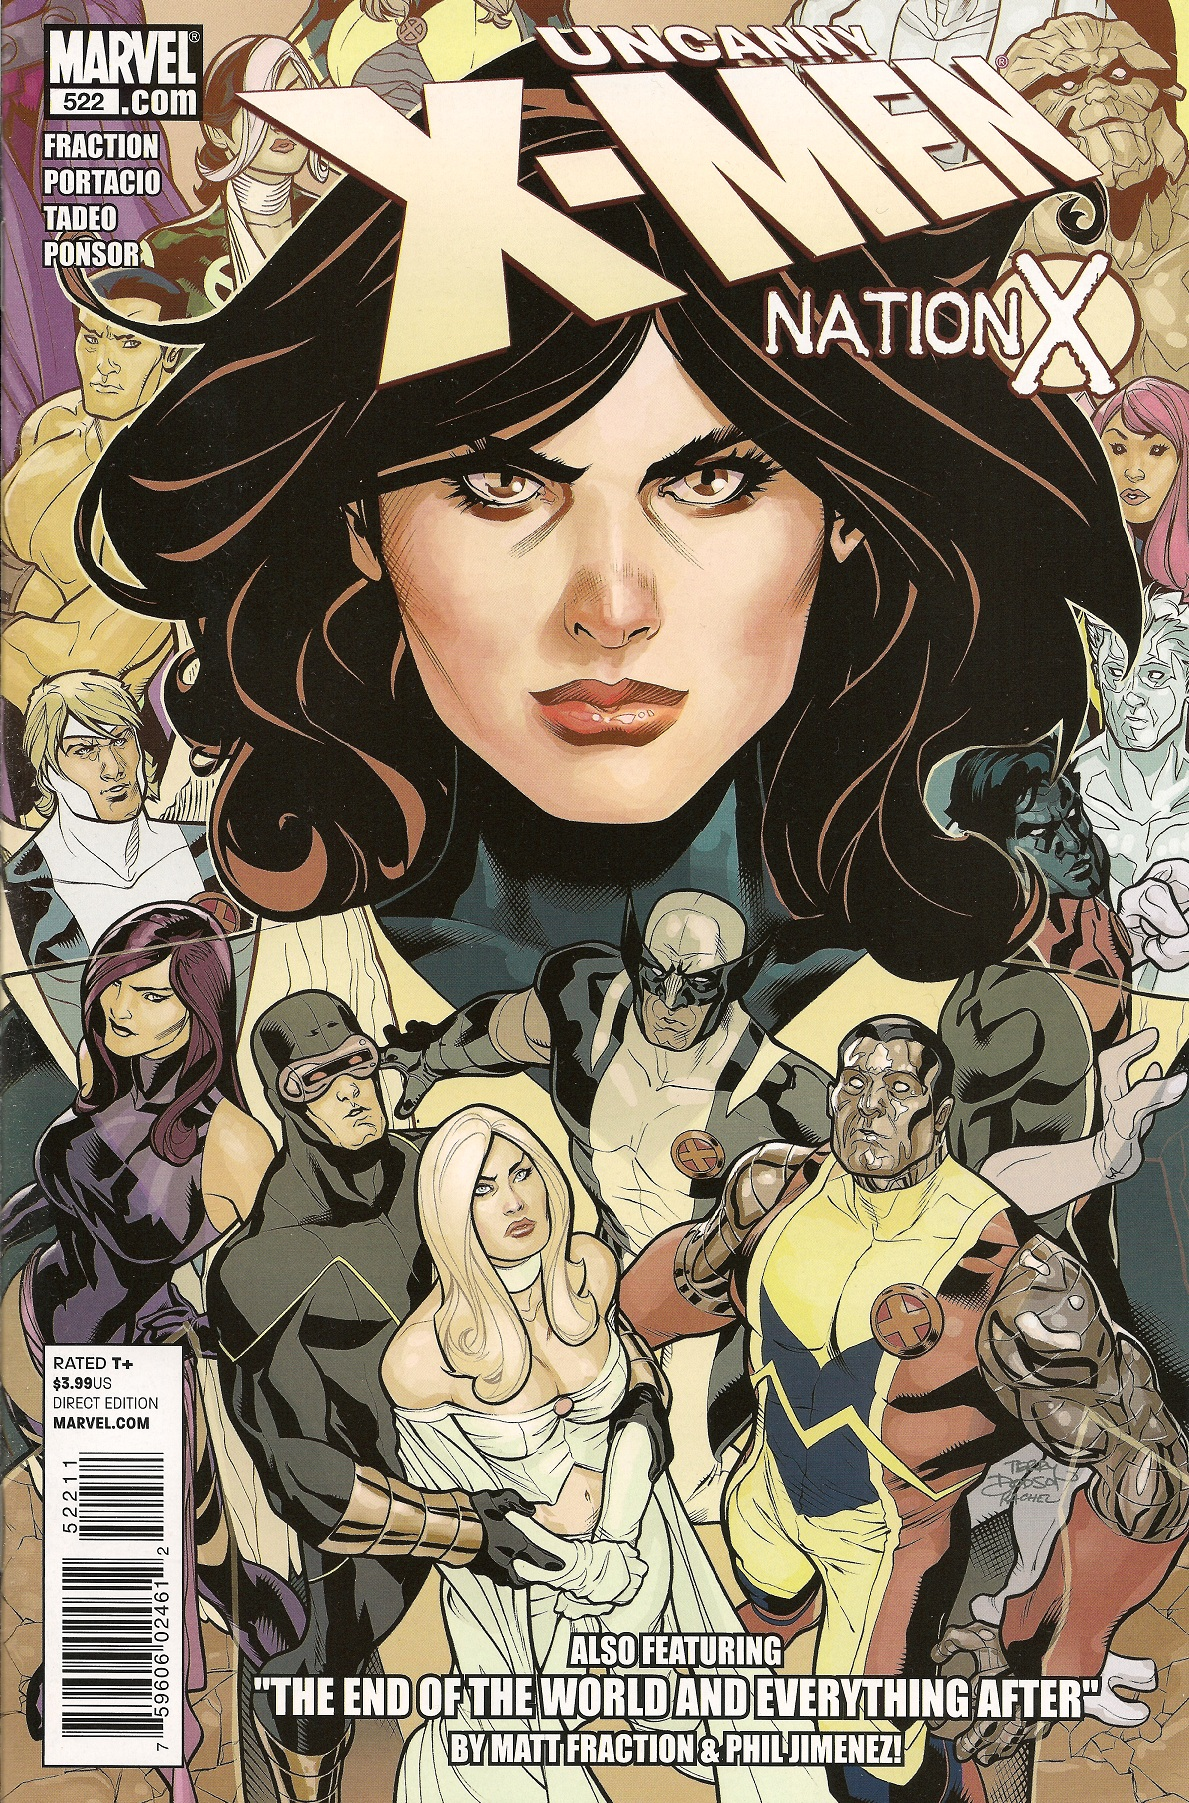 Uncanny X-Men Vol 1 522